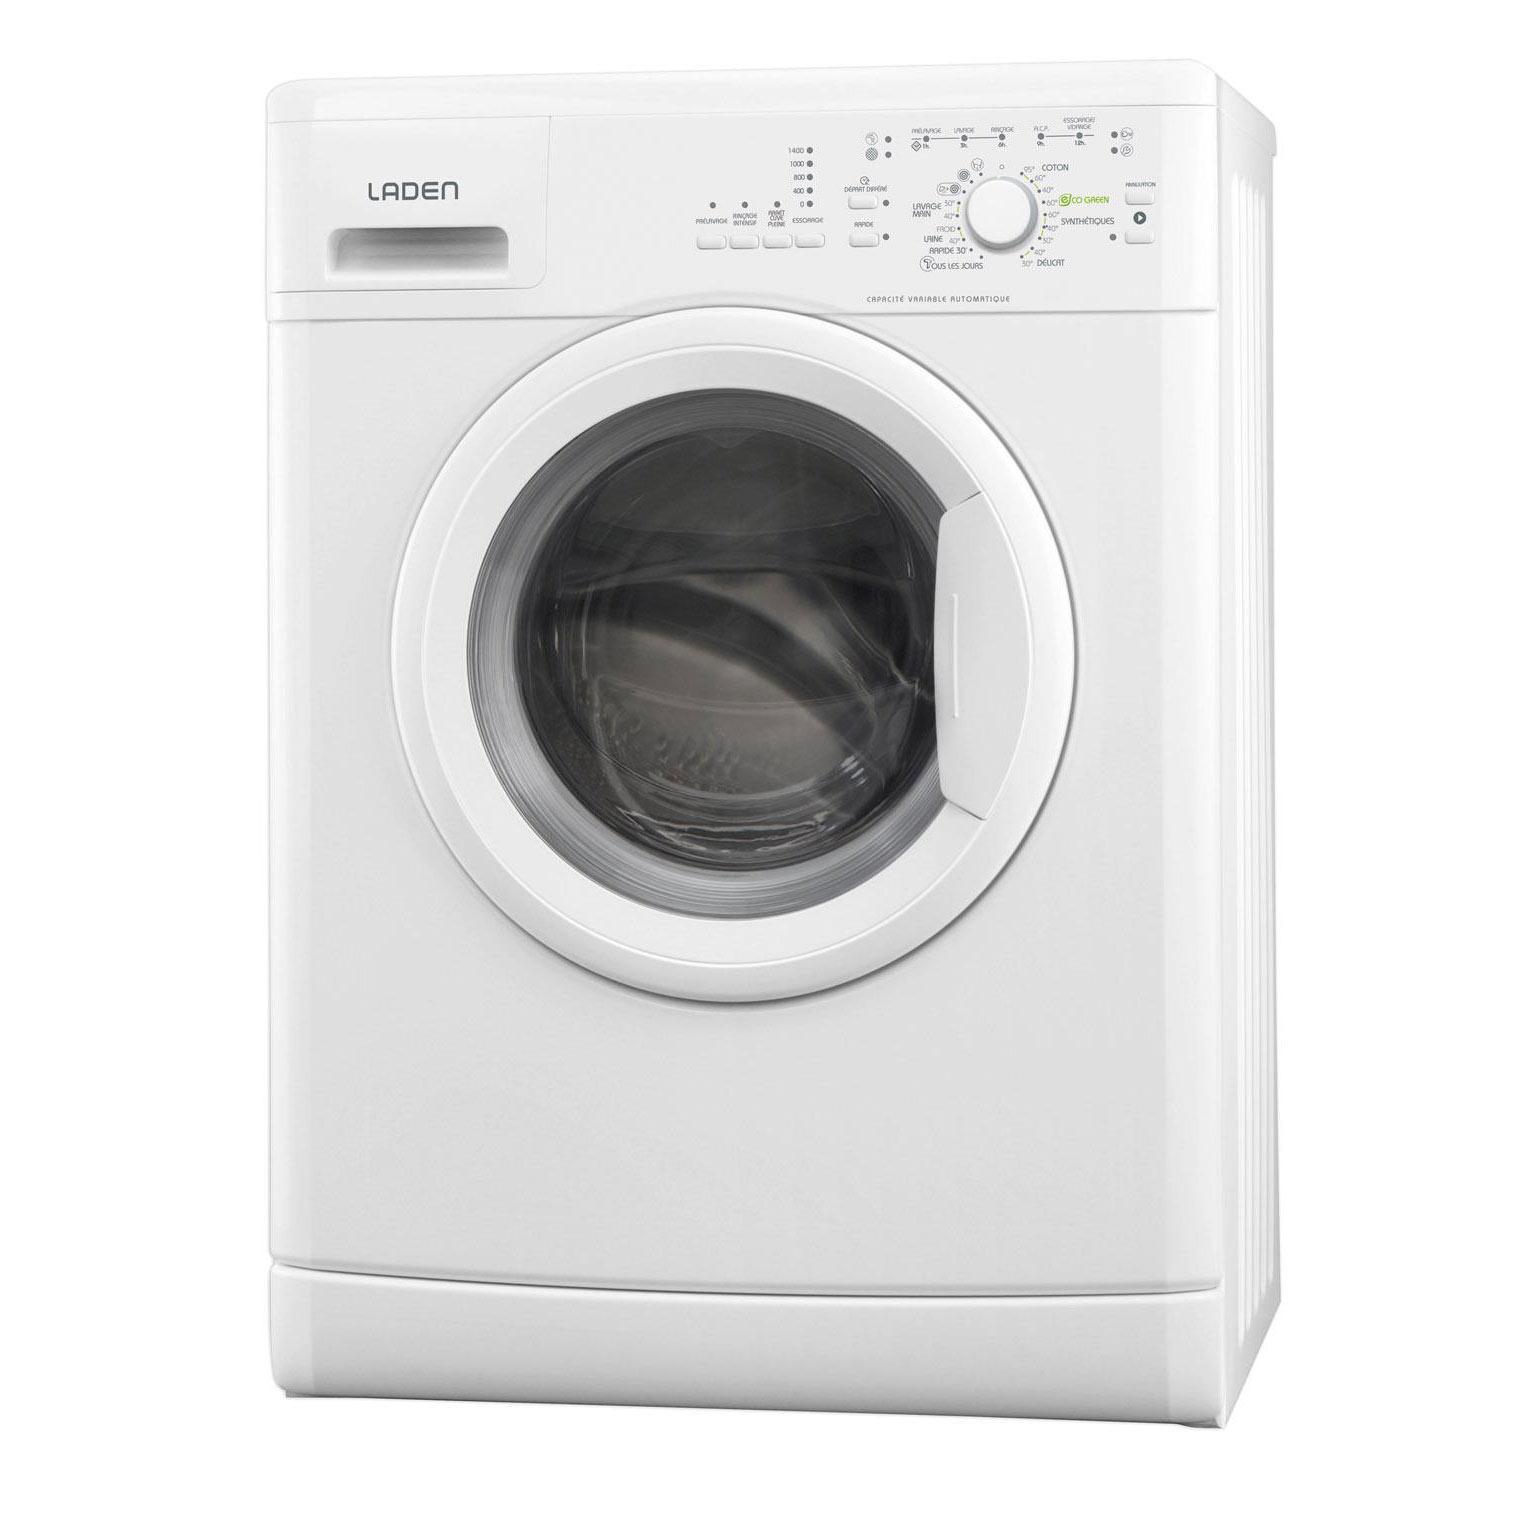 Lave linge pas cher electro10count - Cherche lave linge pas cher ...